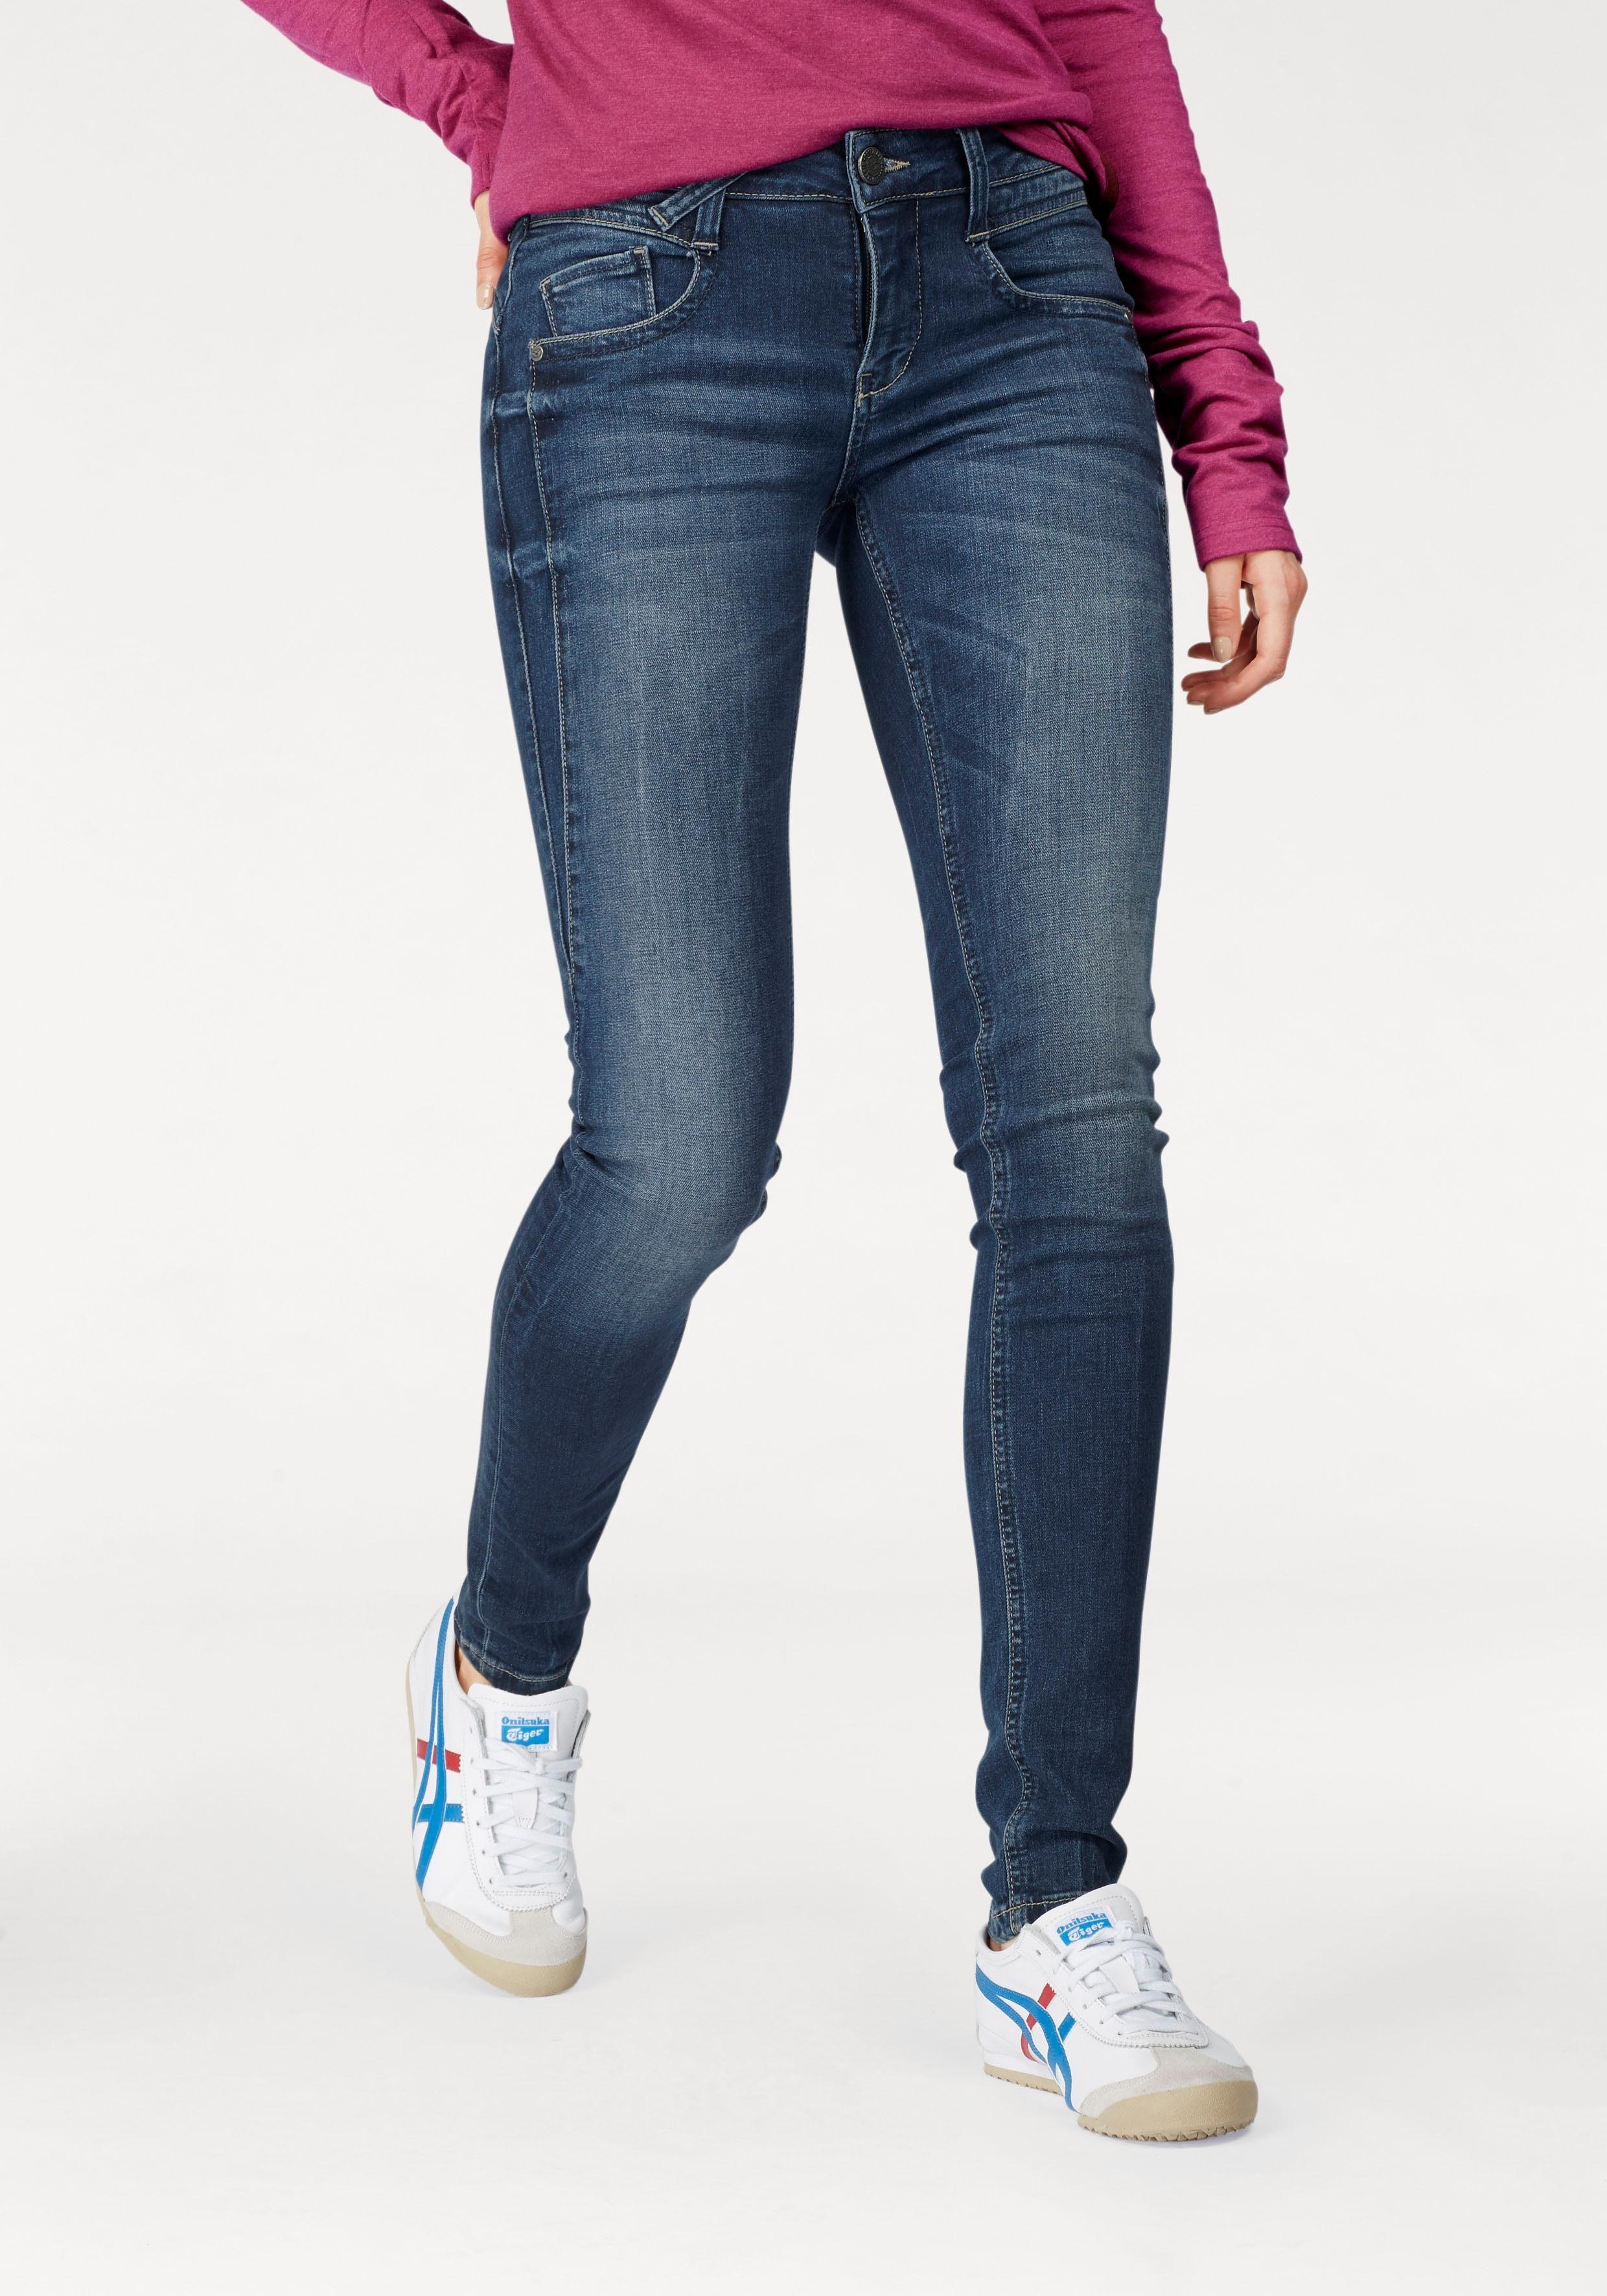 Fritzi aus Preußen Skinny fit Jeans »INDIANA« mit Stretch online kaufen | OTTO